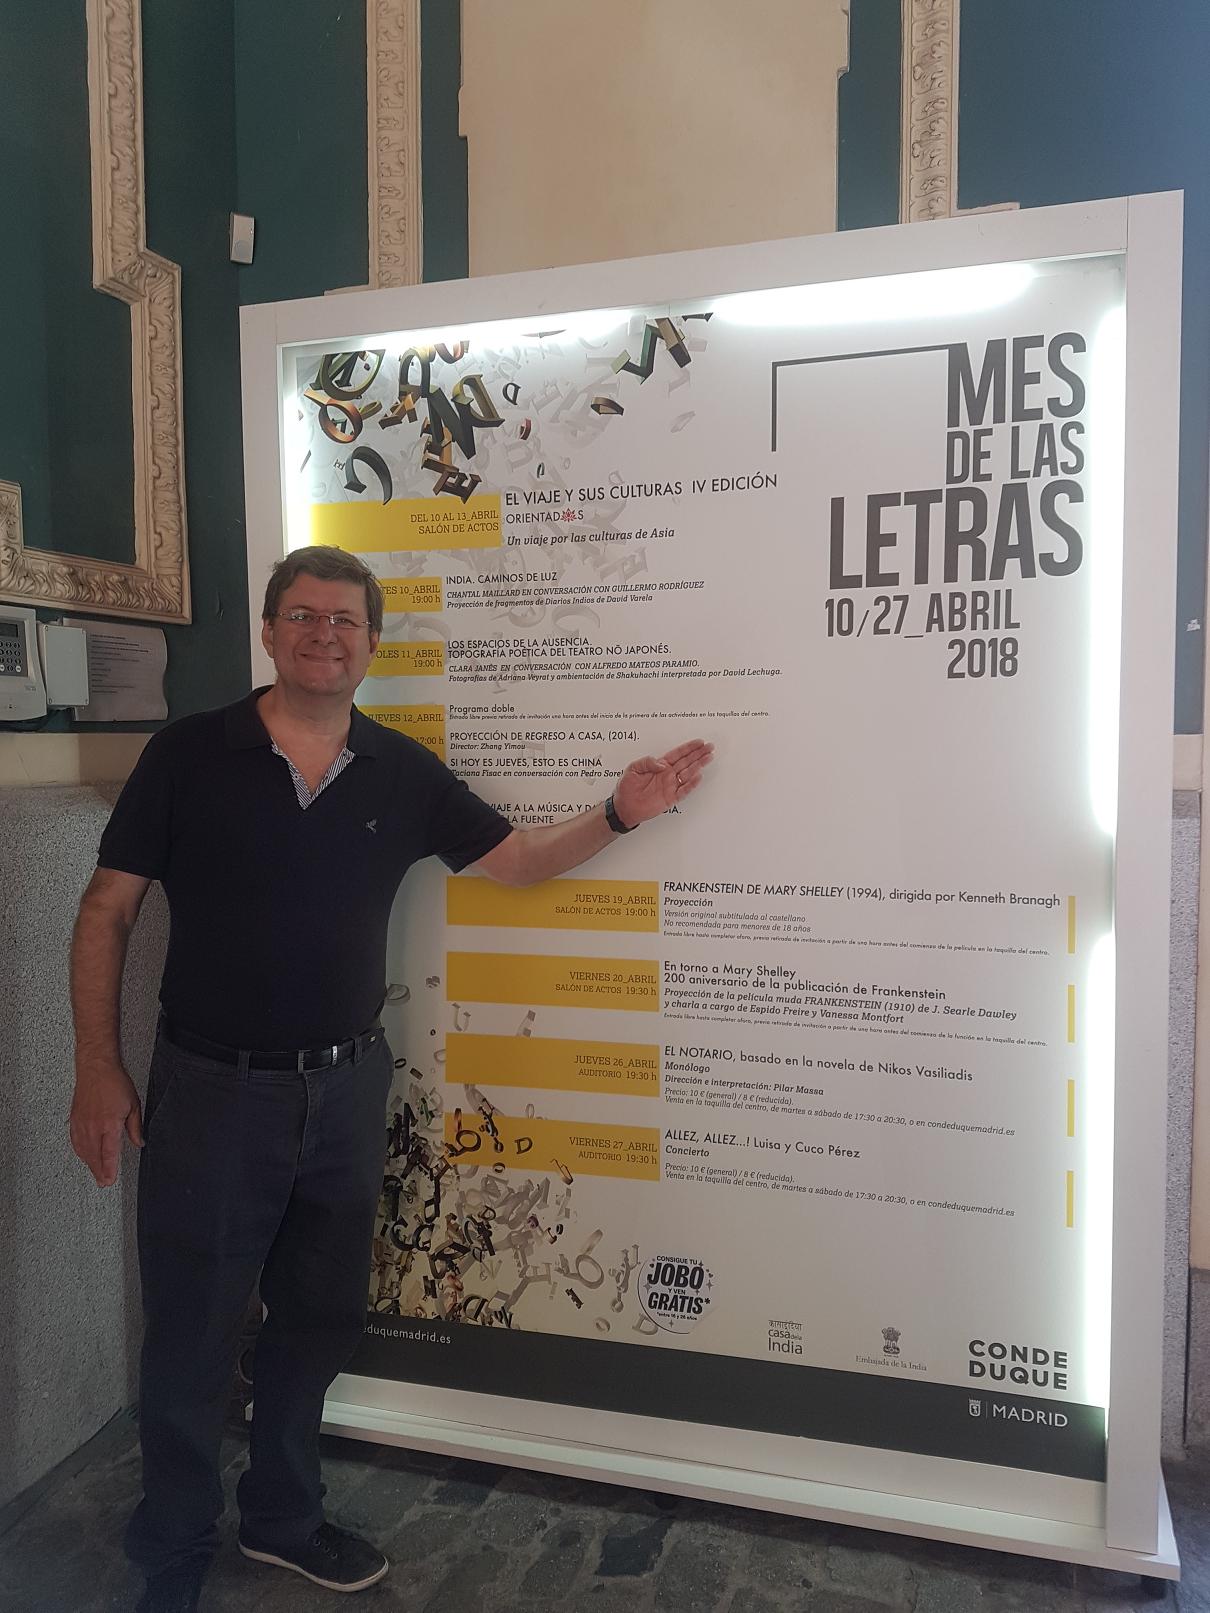 Mês de Las Letras em Madrid